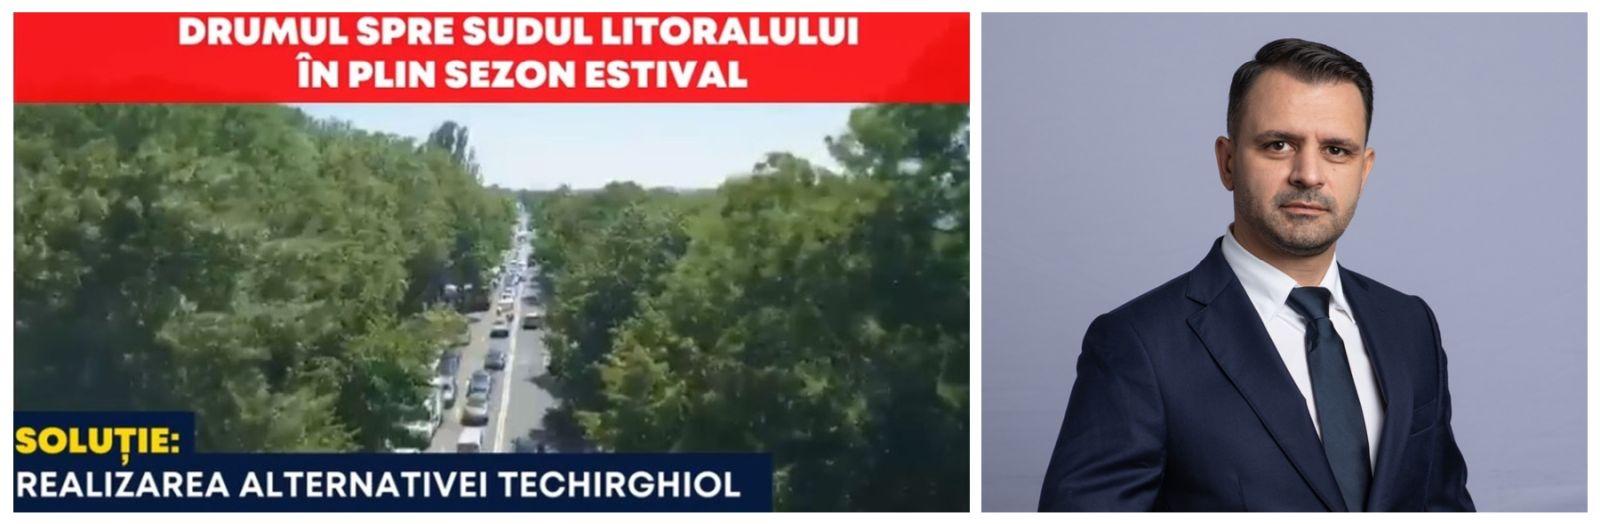 Marian Crusoveanu alternativa techirghiol